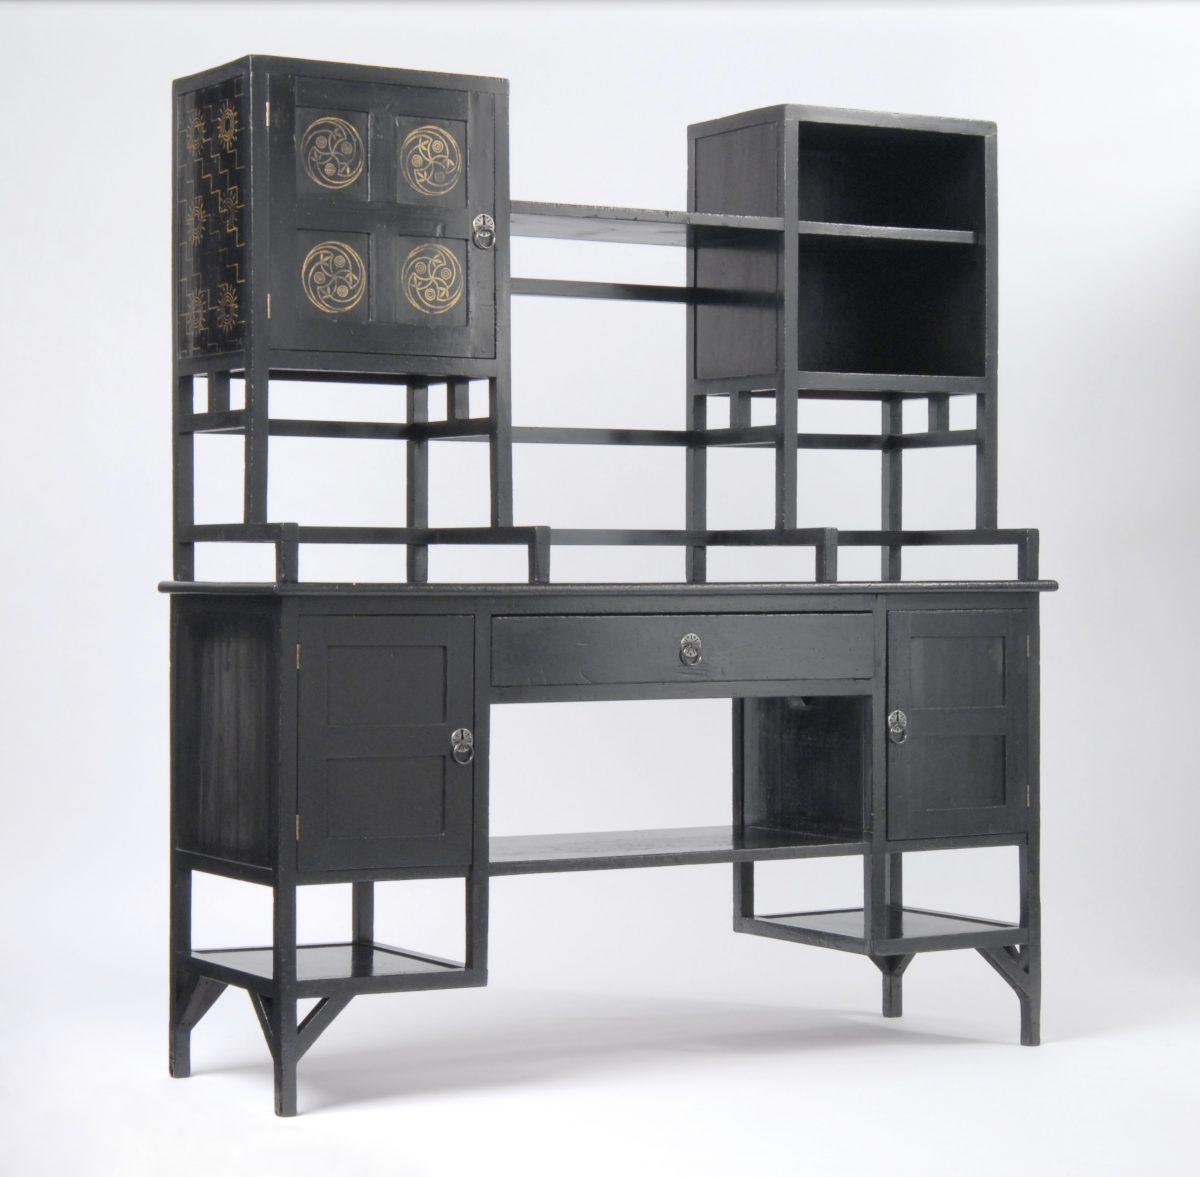 Sideboard, um 1867, Herst.: William Watt, London, Foto: Die Neue Sammlung — The Design Museum, Erworben mit Unterstützung der Ernst von Siemens Kunststiftung